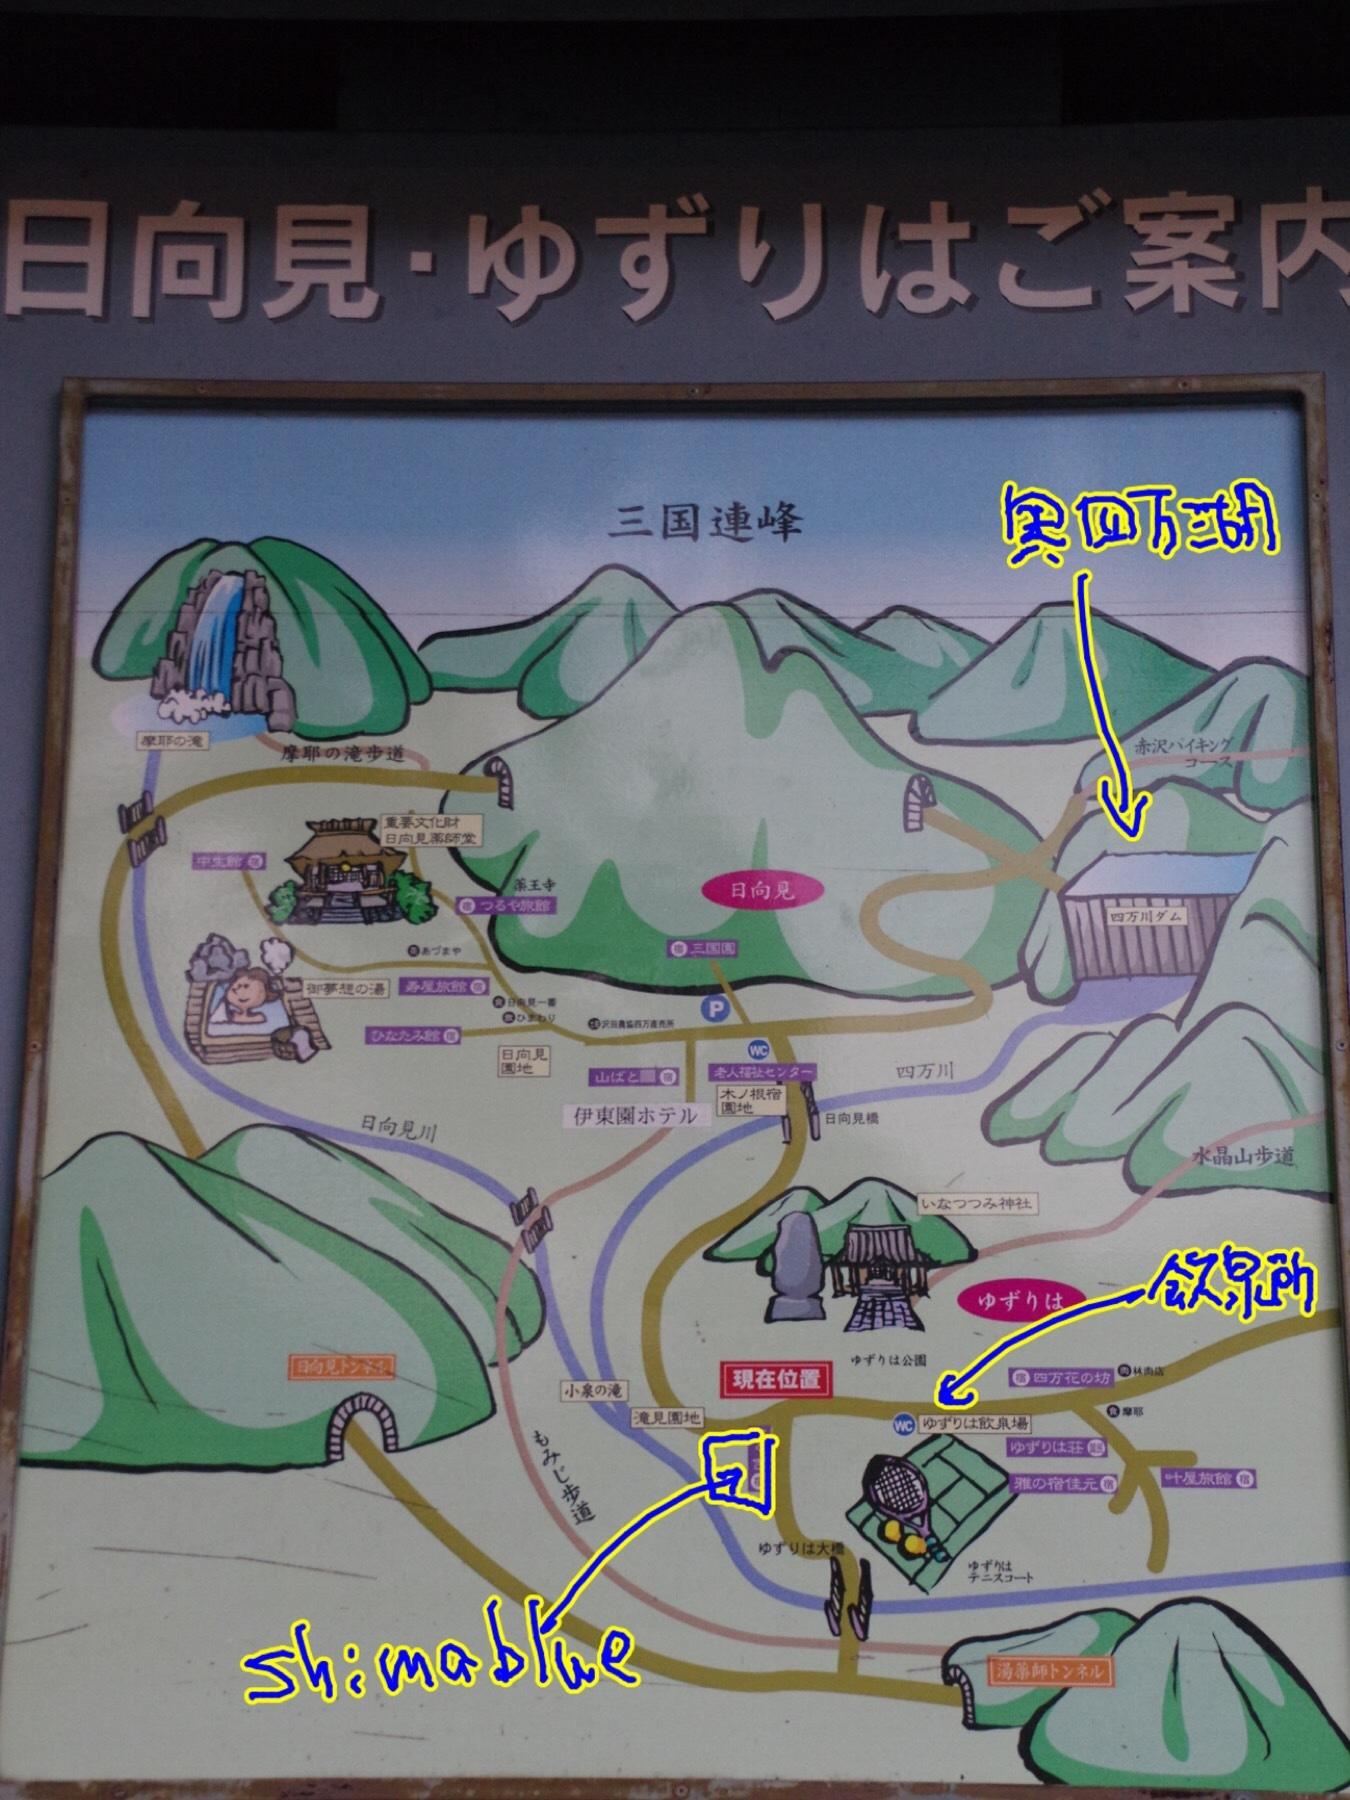 四万温泉 Shima blue 宿泊記 シマブルー グランピング 地図 ゆずりは